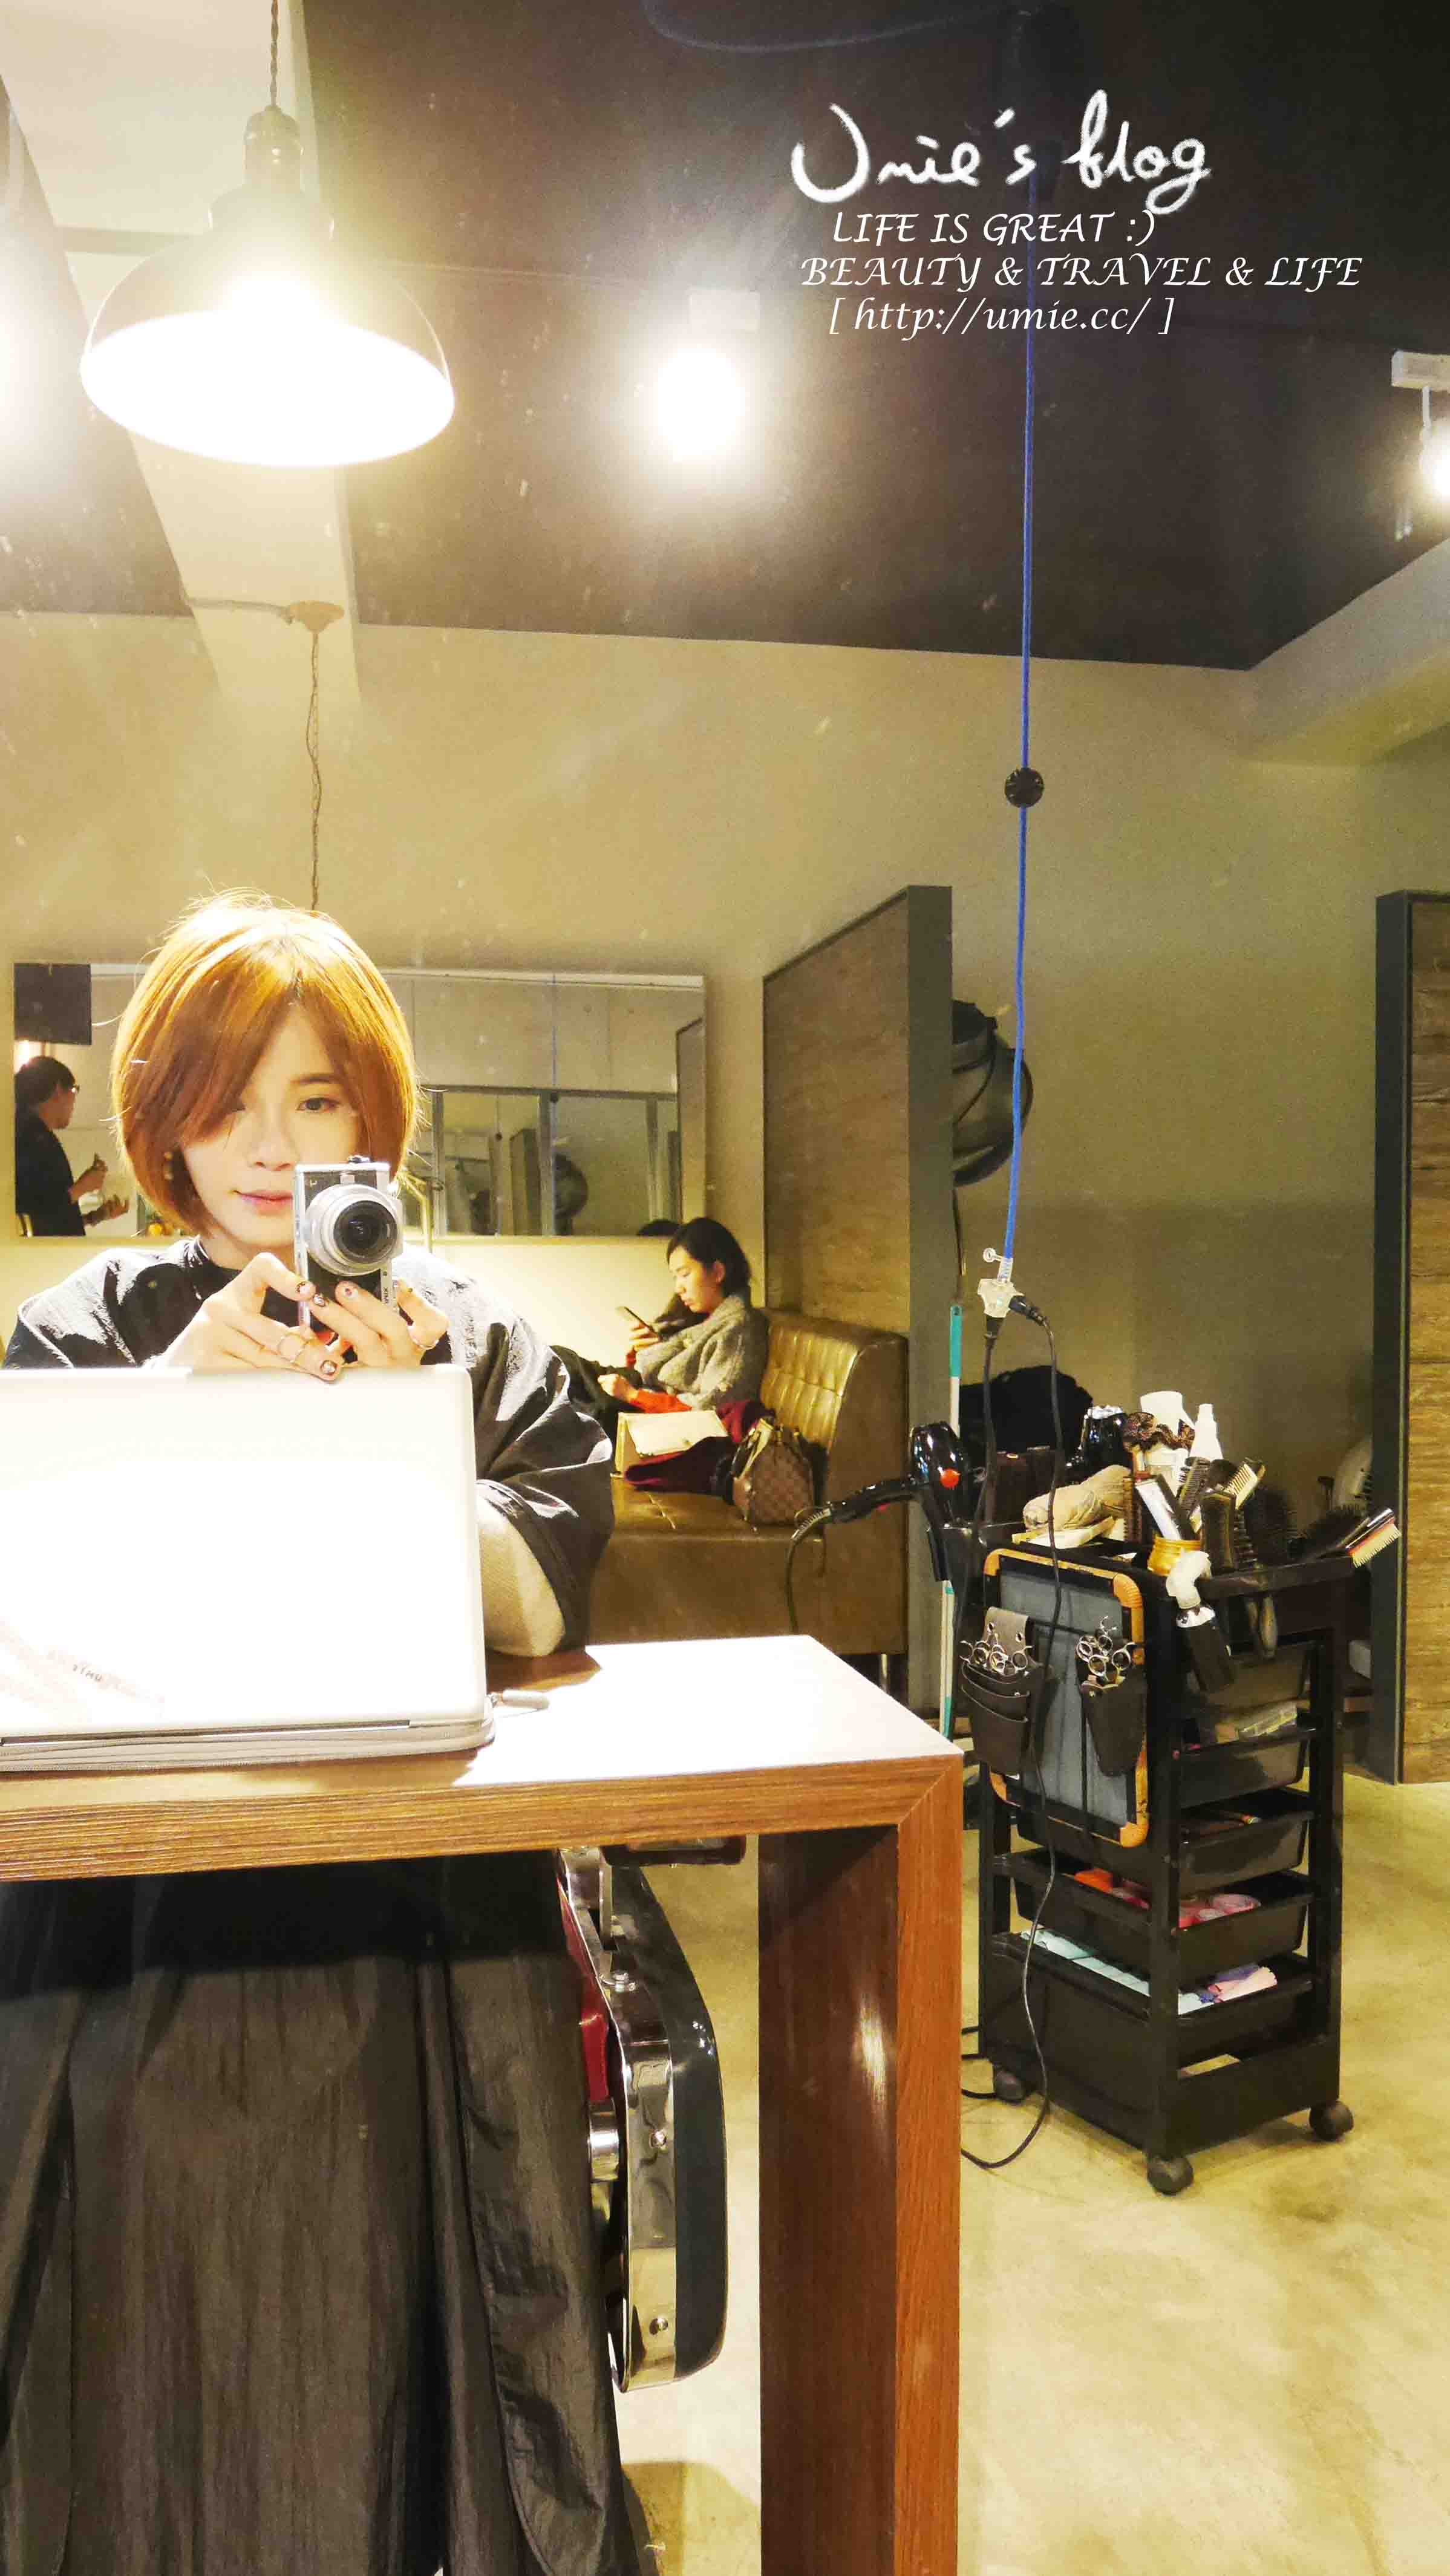 頭髮剪壞燙壞怎麼辦?台北中山區剪髮推薦(捷運善導寺|中山站):是咖啡館也是髮型工作室 :D (免費wifi、插座)